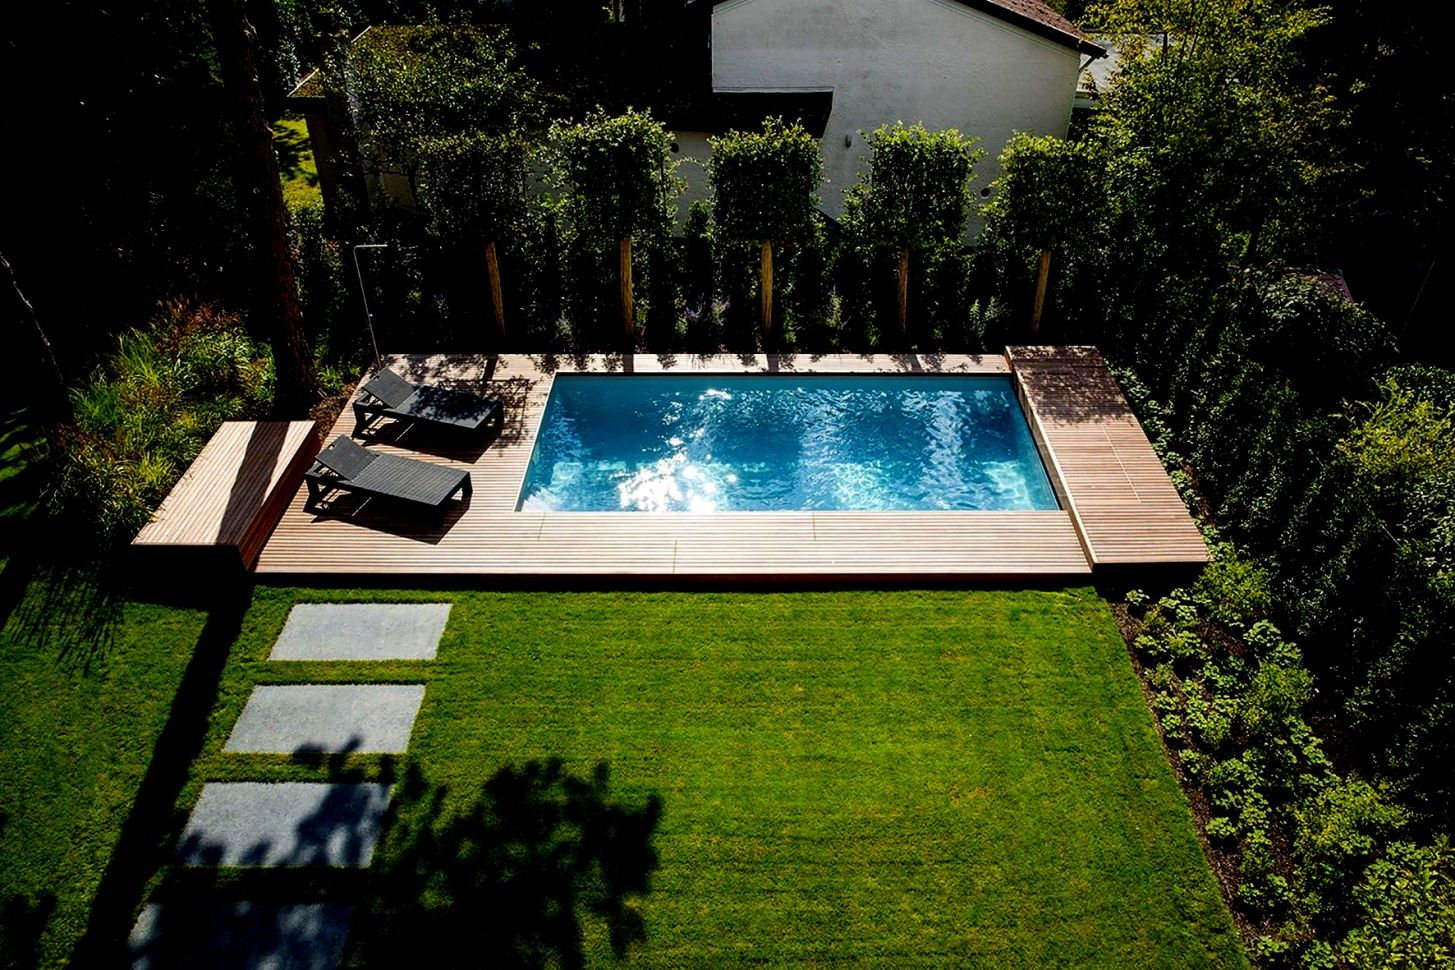 Pool Deko Bilder   Pool Für Kleinen Garten, Garten ... tout Pool House 10M2